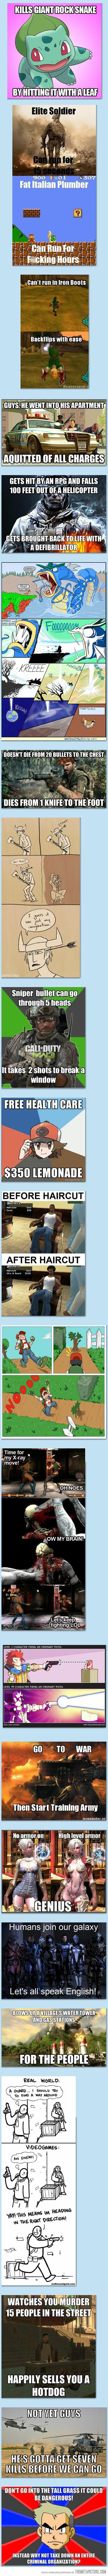 Gaming logic...